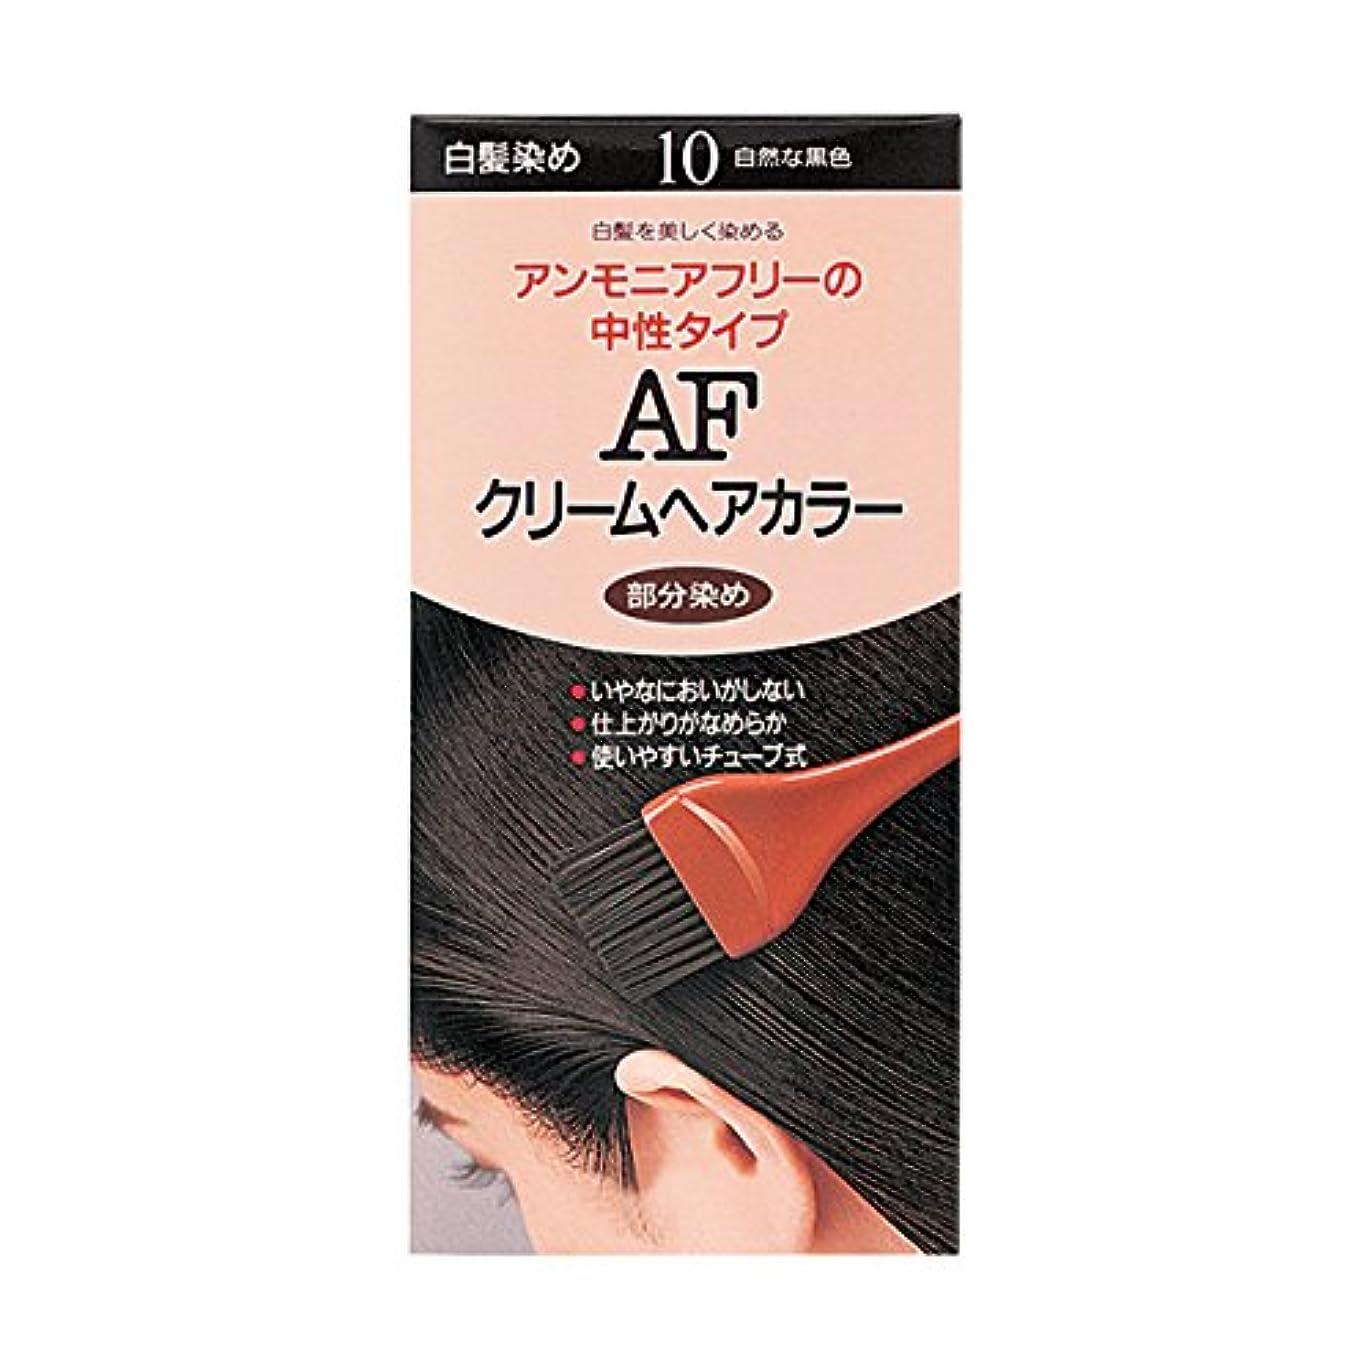 呼吸マットレス反対ヘアカラー AFクリームヘアカラー 10 【医薬部外品】